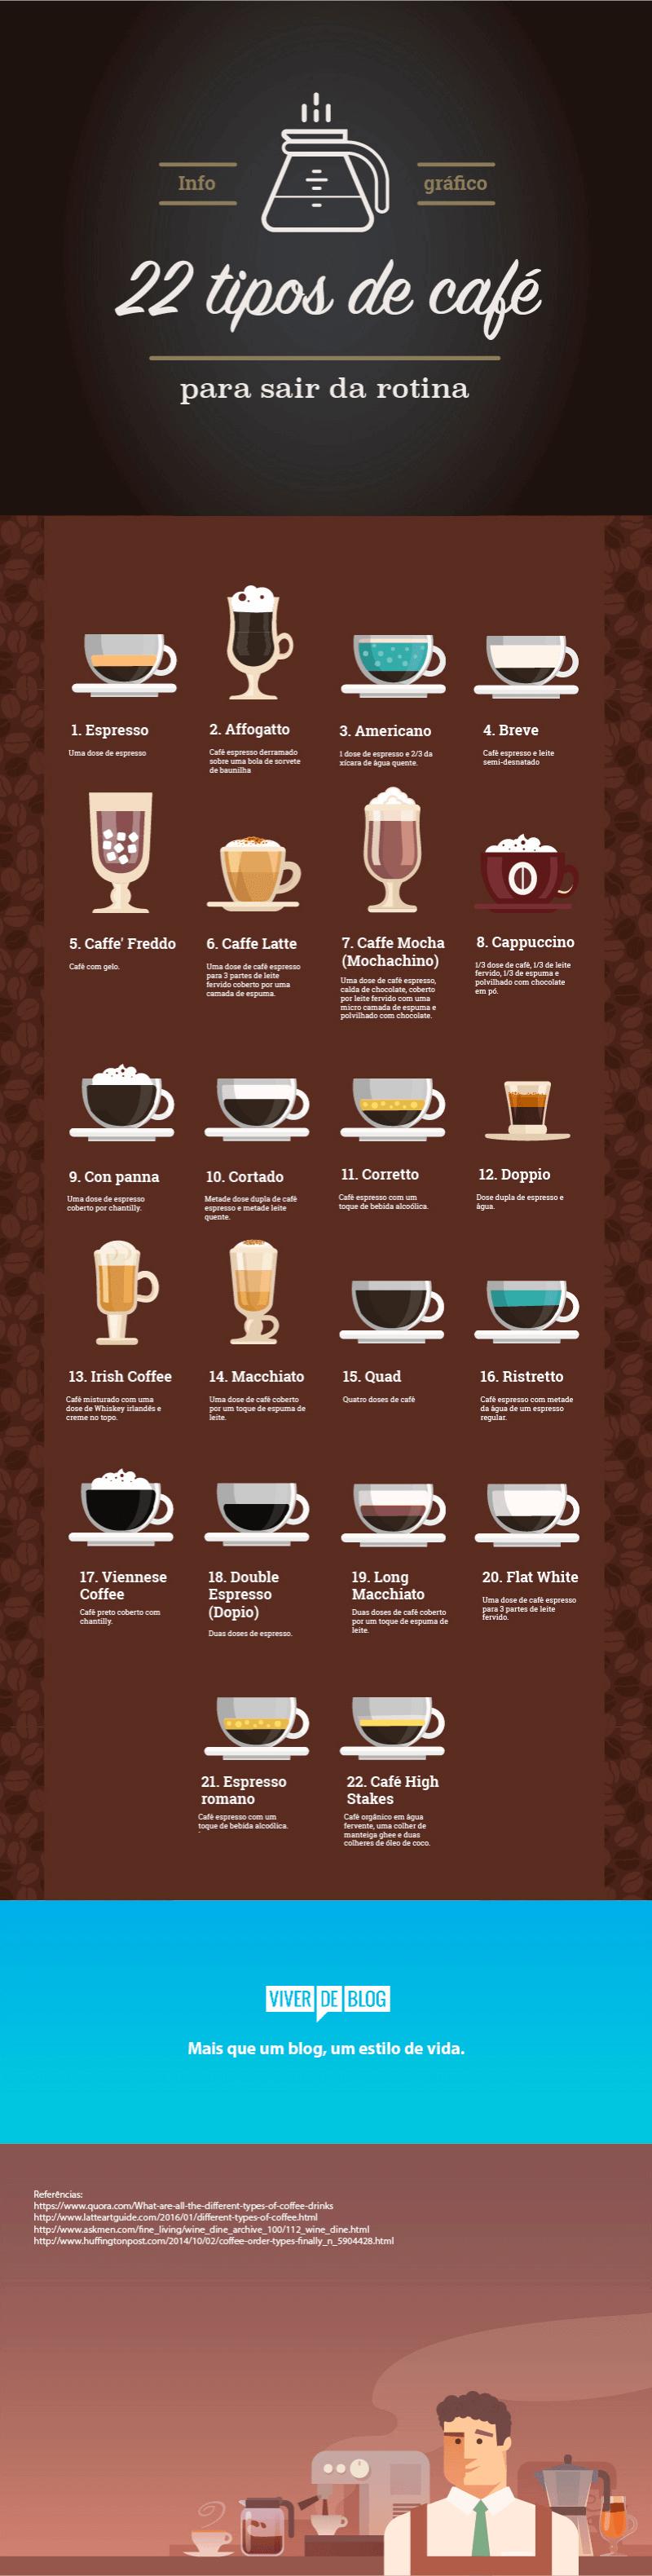 Lista com 22 tipos de café